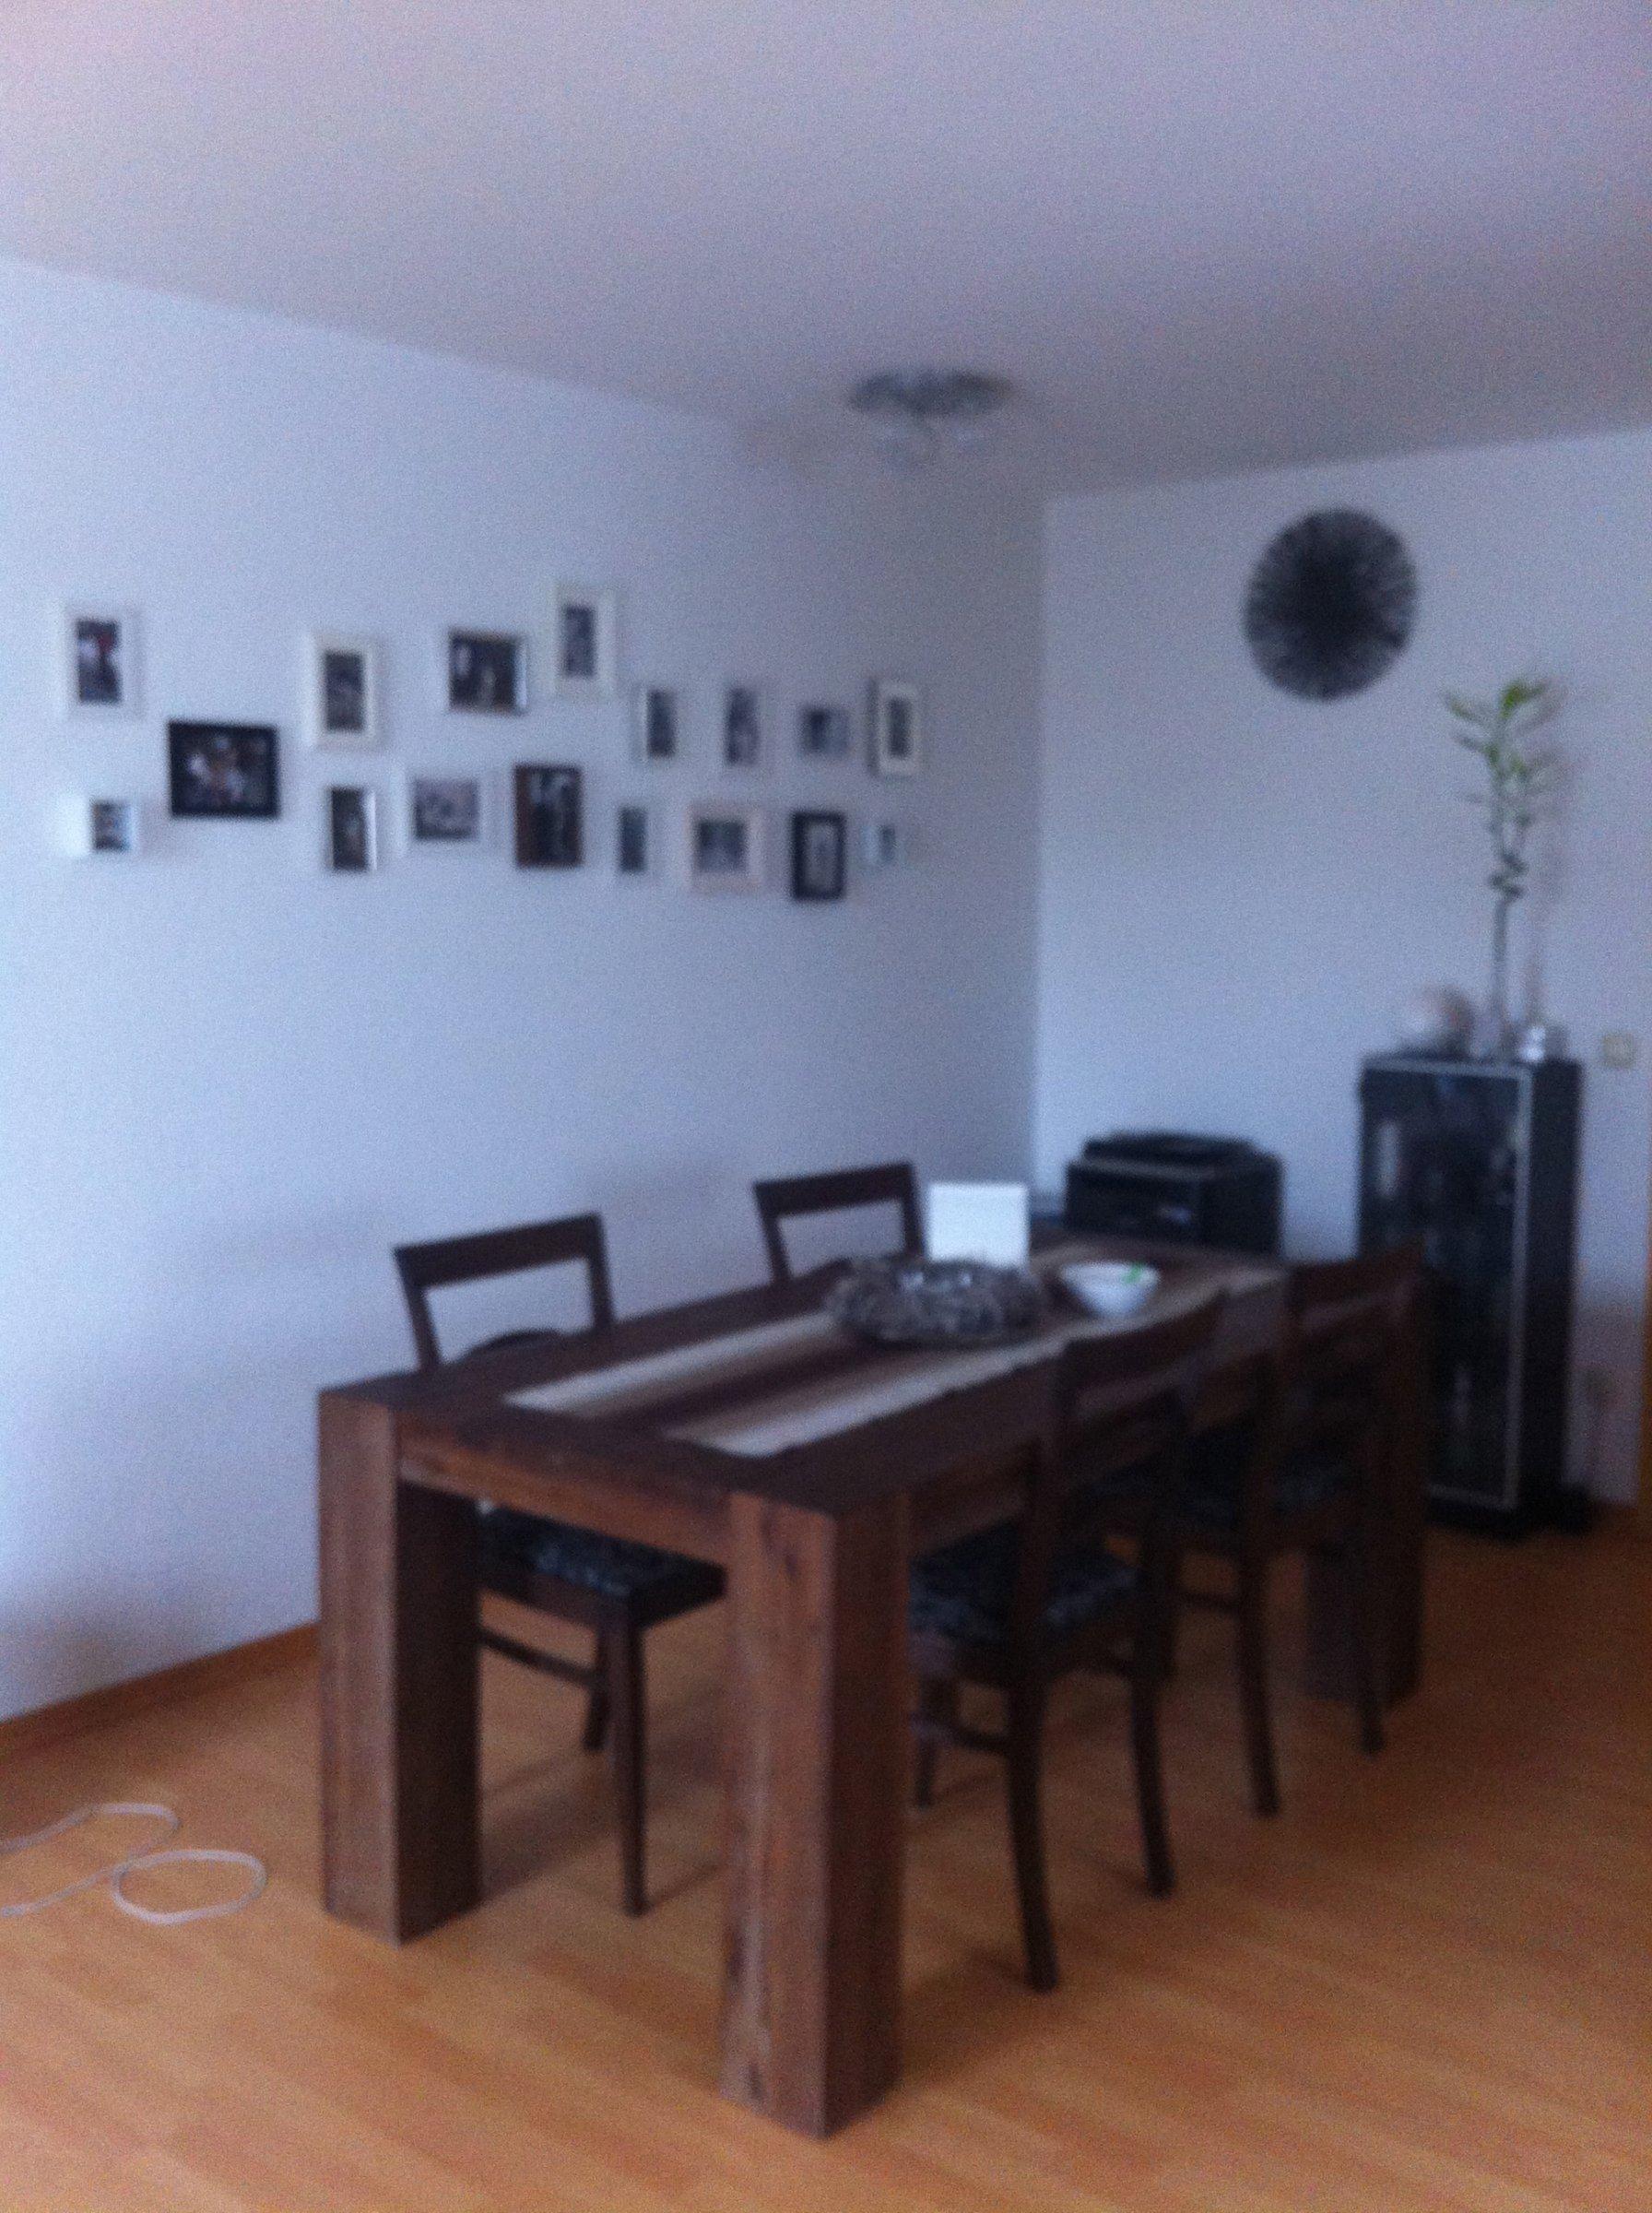 Wohnzimmer \'Wohnzimmer & Essecke\' - Mein Domizil - Zimmerschau